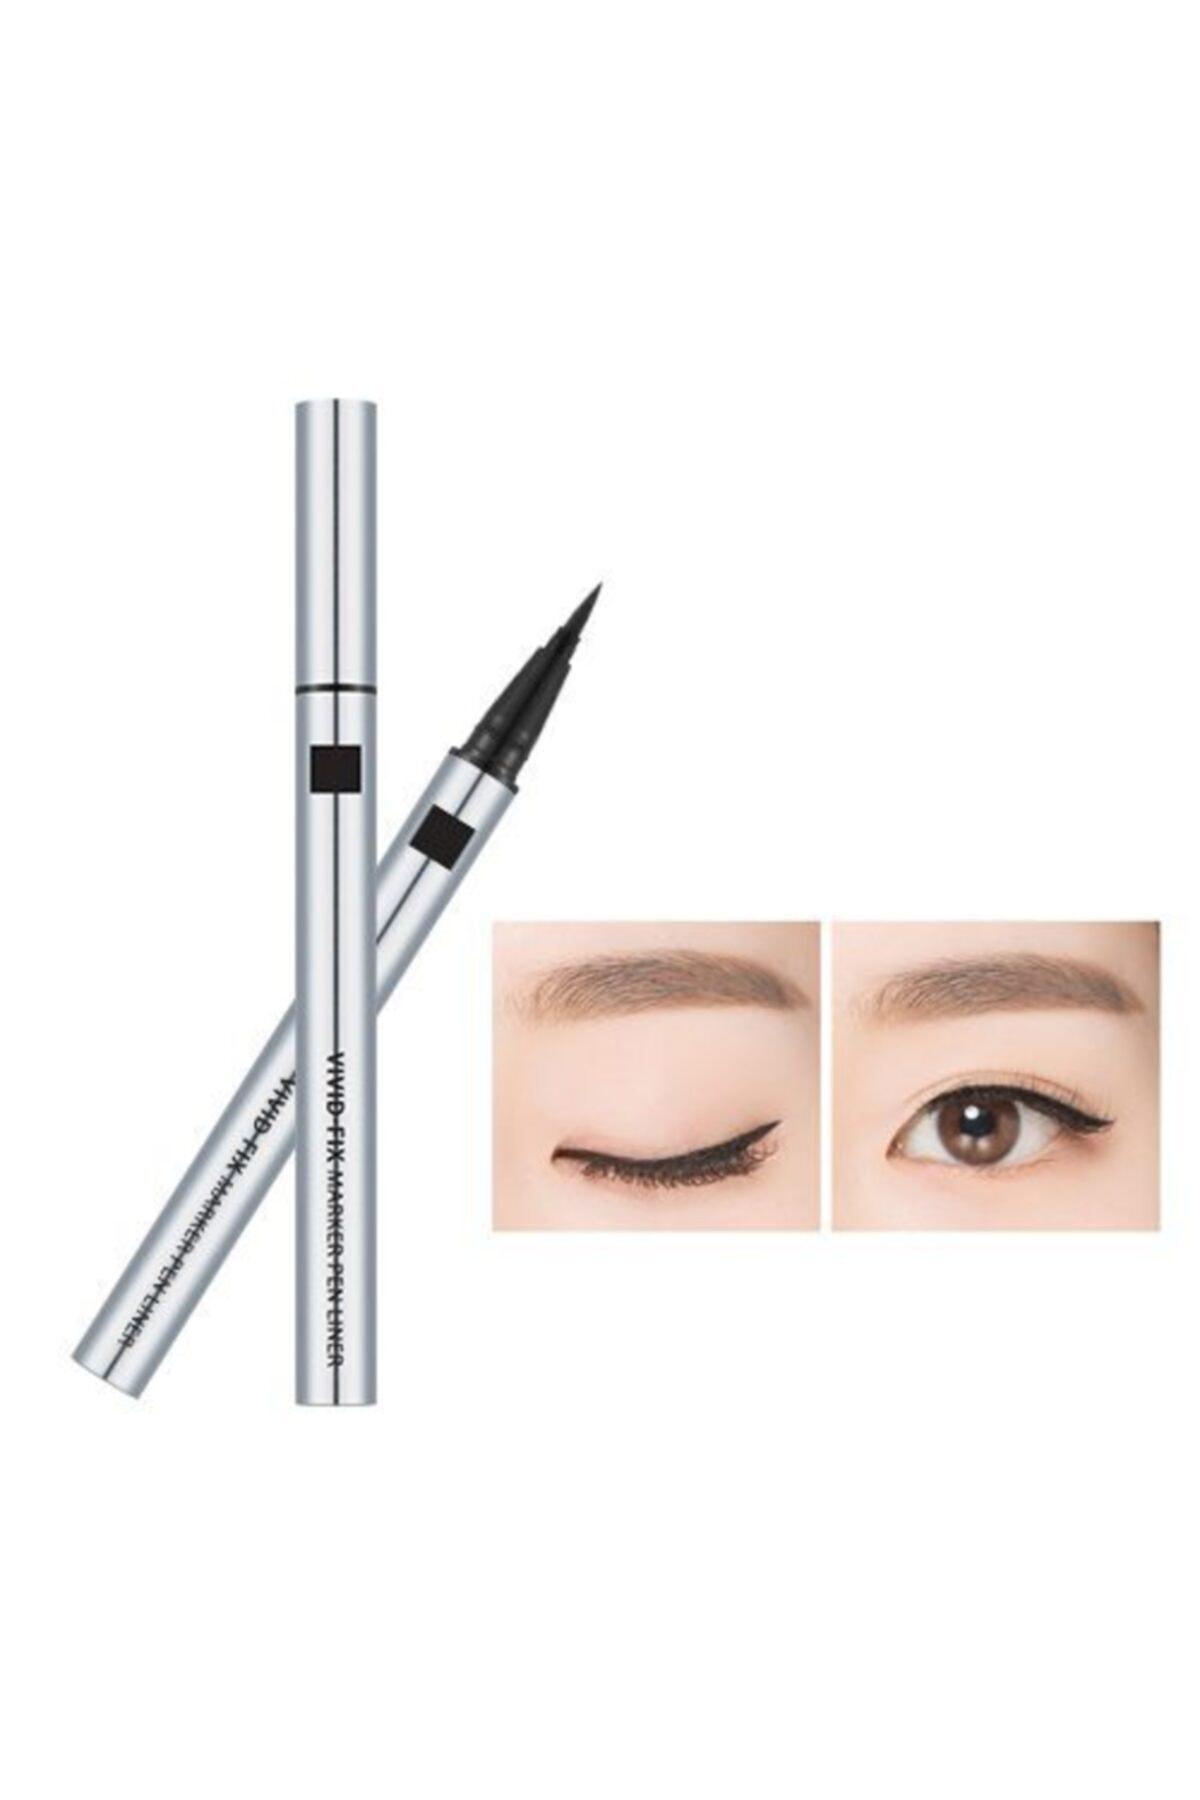 Missha Vivid Fix Marker Pen Liner (Deep Black) 1